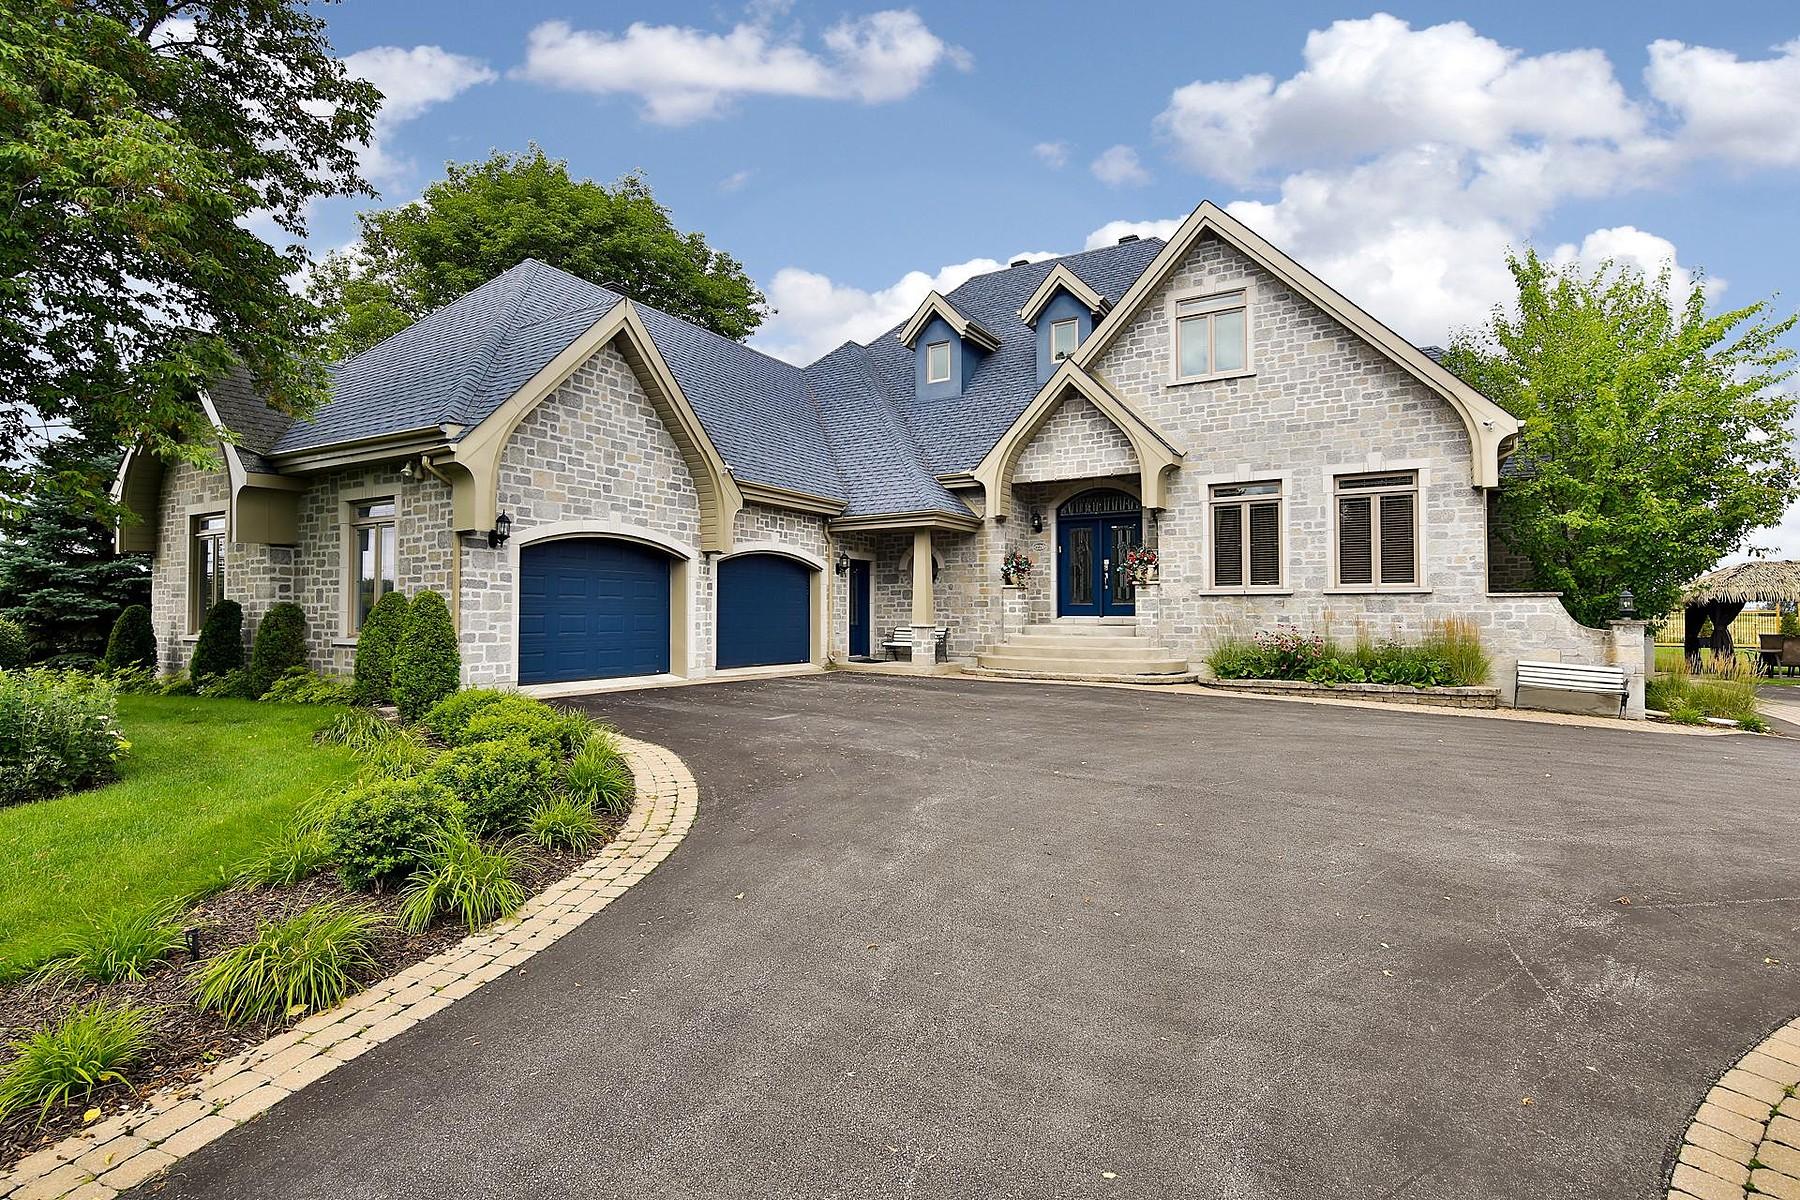 Частный односемейный дом для того Продажа на L'Assomption, Lanaudière 221 Rg Point-du-Jour N. L'Assomption, Квебек J5W1H3 Канада